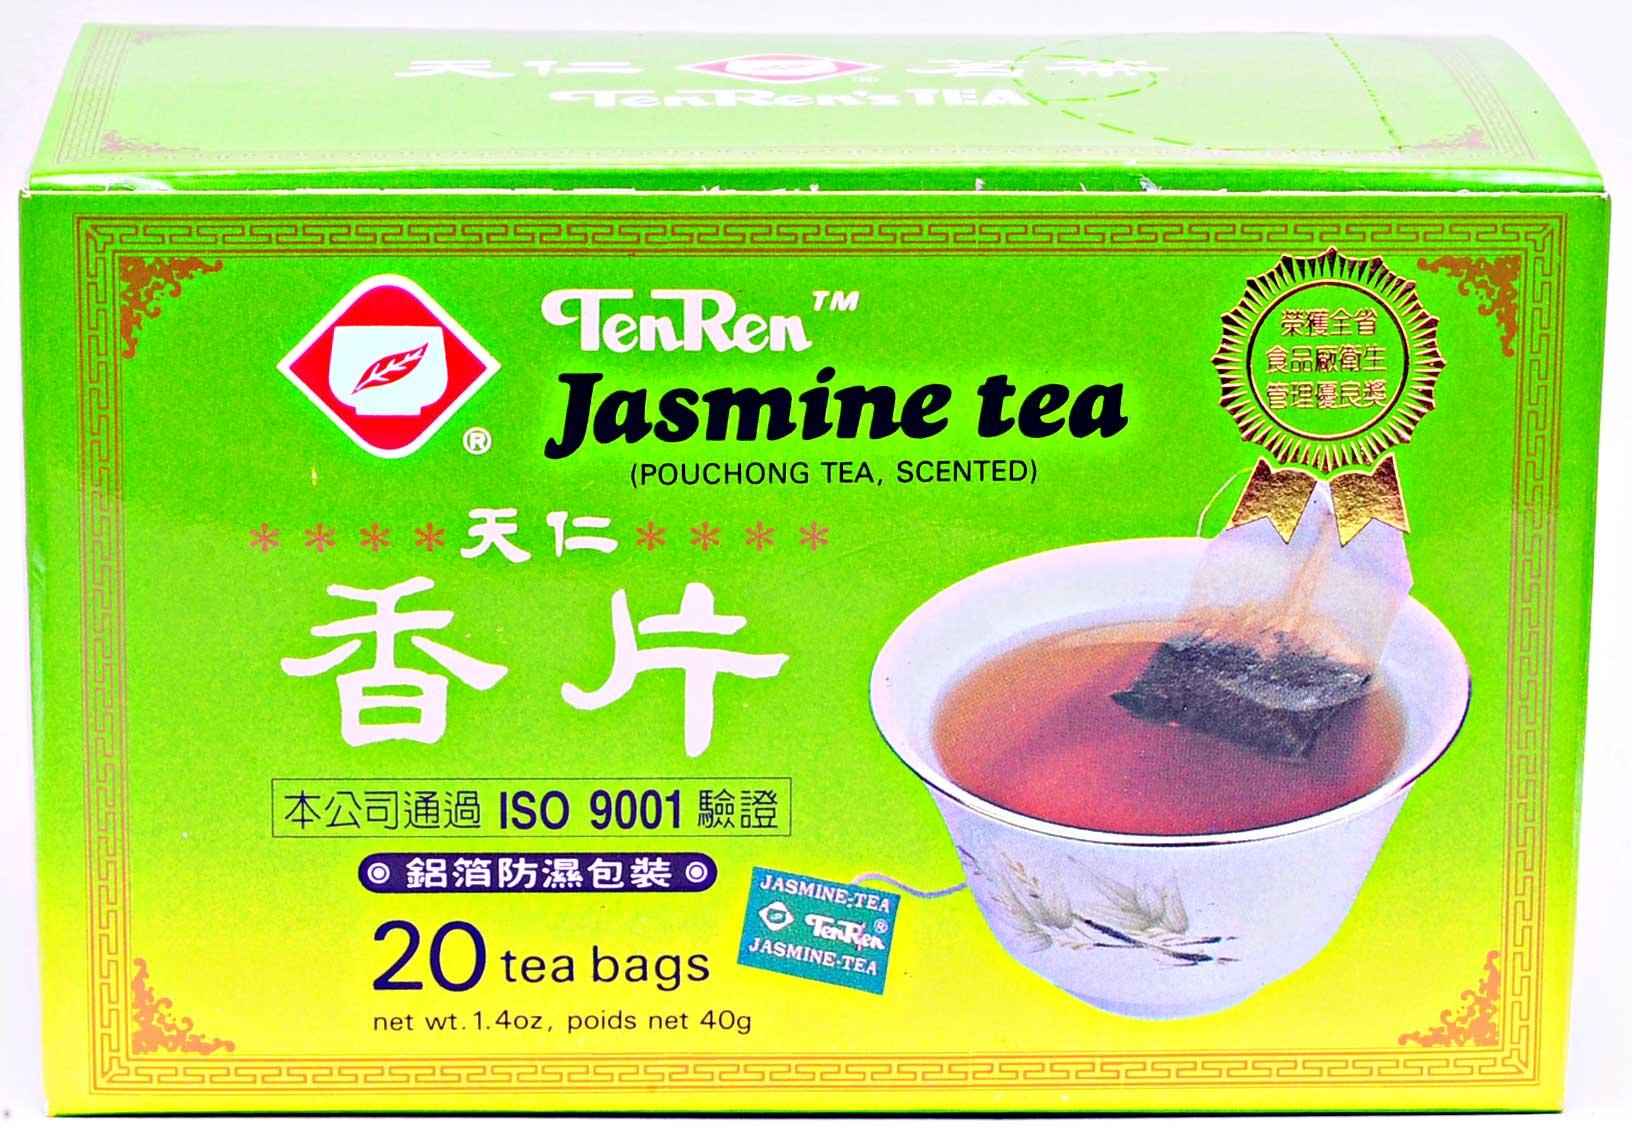 天仁茗茶 香片(ジャスミン清茶)ティーバッグ 20バッグ